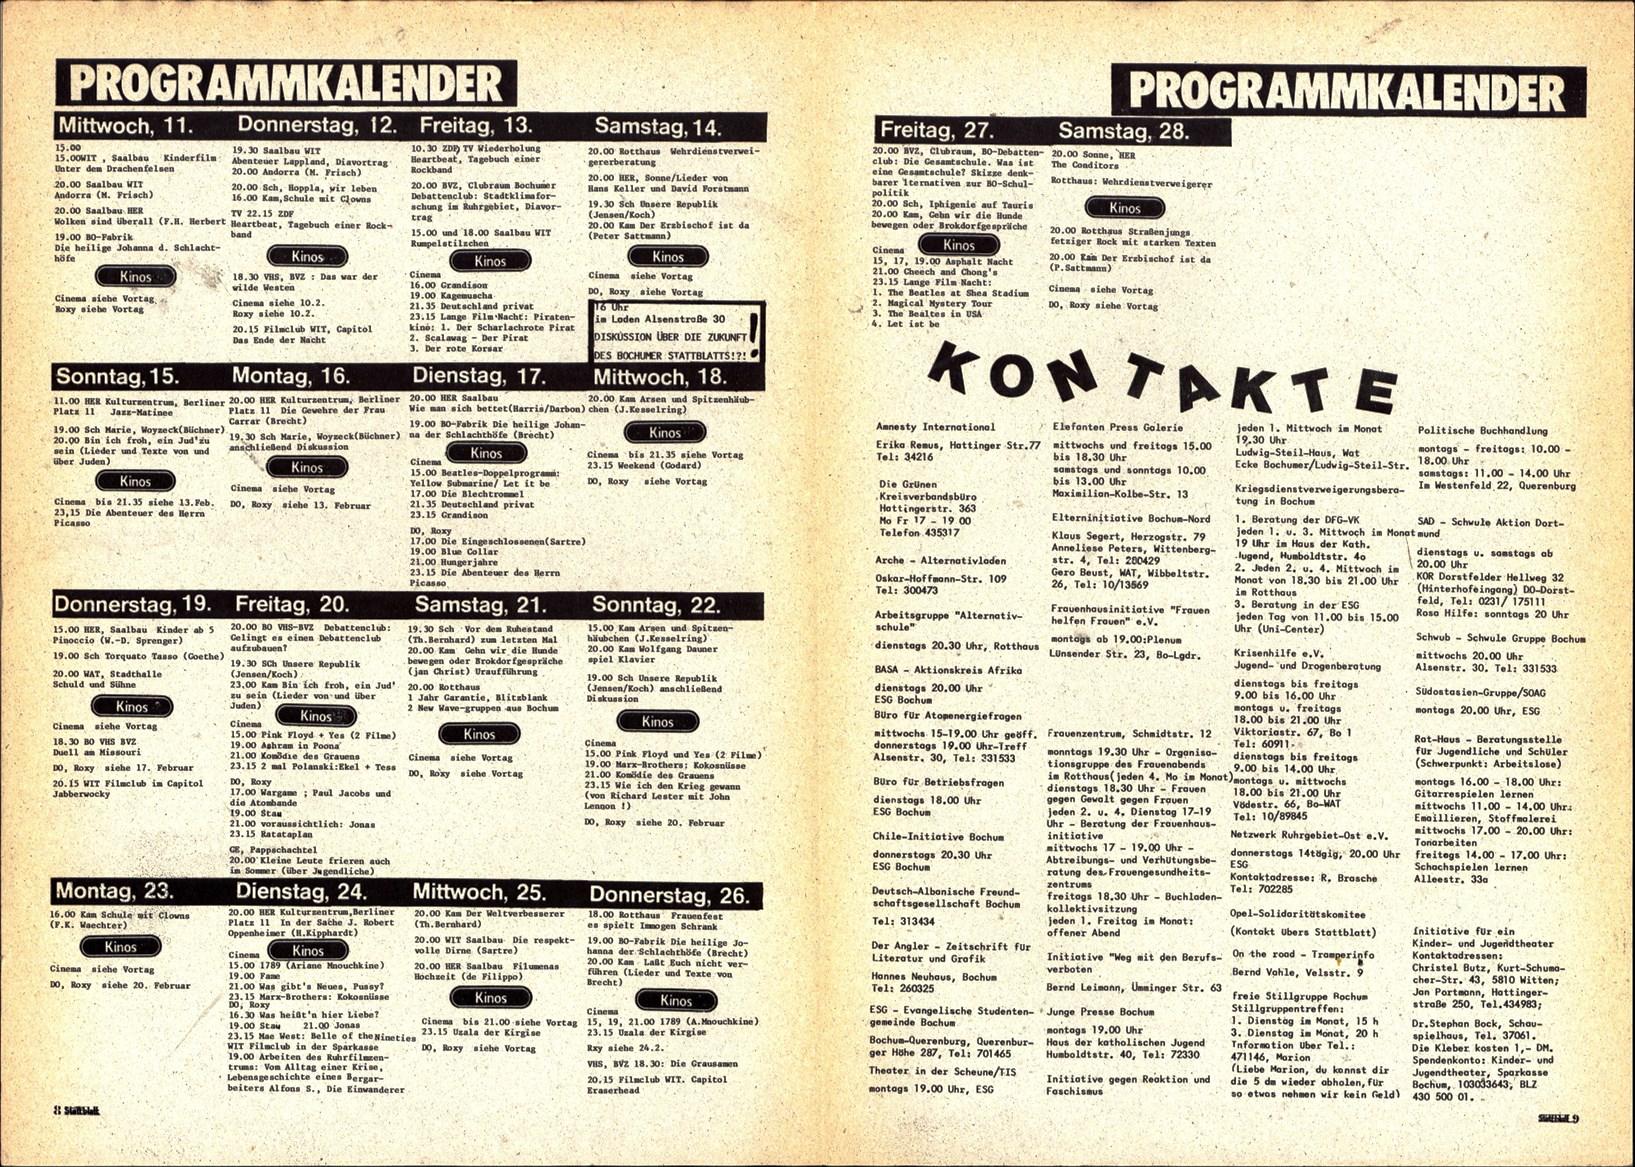 Bochum_Stattblatt_19810200_45_05